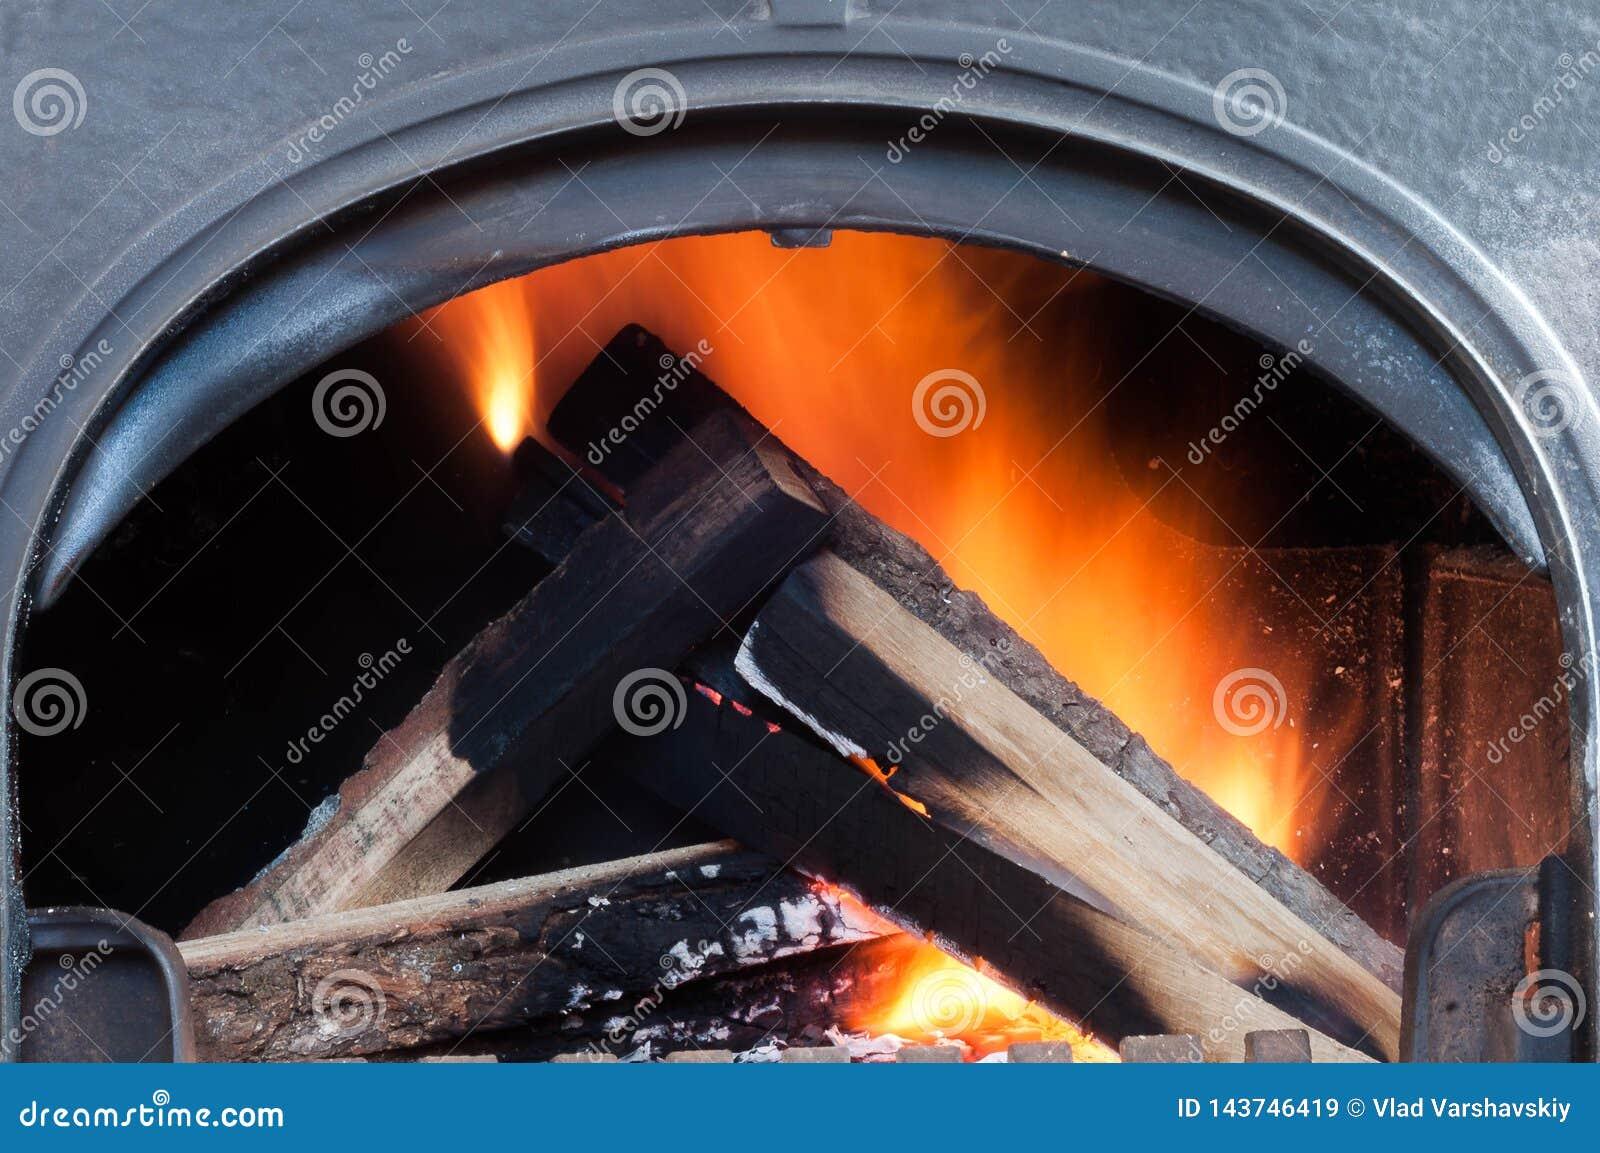 Ανάβοντας έγγραφο εγχώριου ψησίματος για να θερμάνει την εγχώρια θέρμανση το χειμώνα και την άνοιξη αυτόνομα σε ένα ιδιωτικό σπίτ